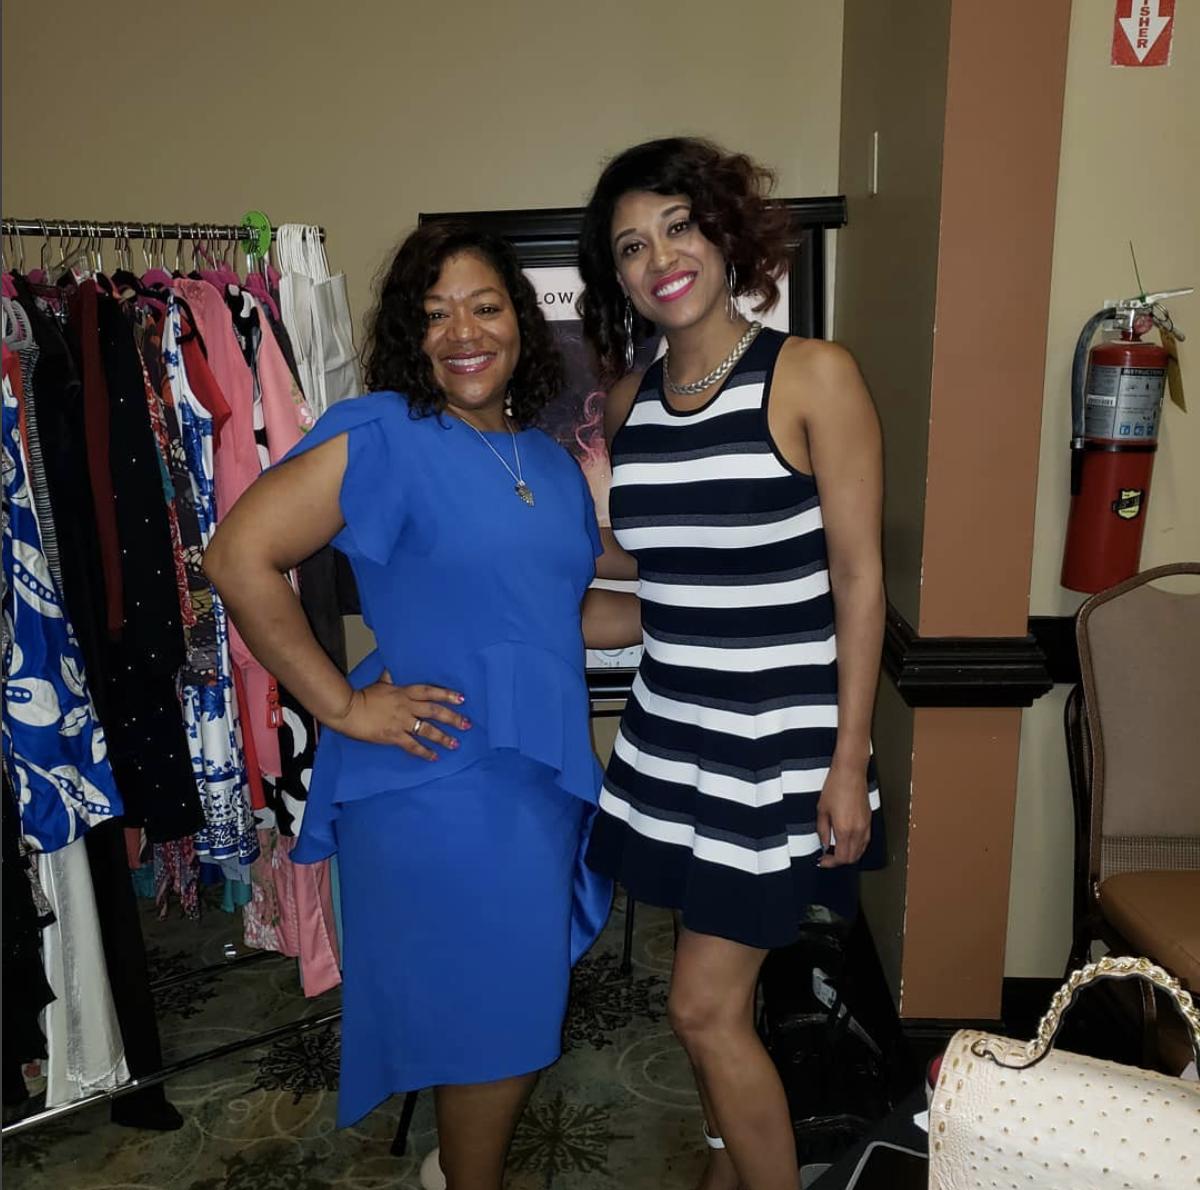 Tameika and Naida at the Style by Naida Bourtique